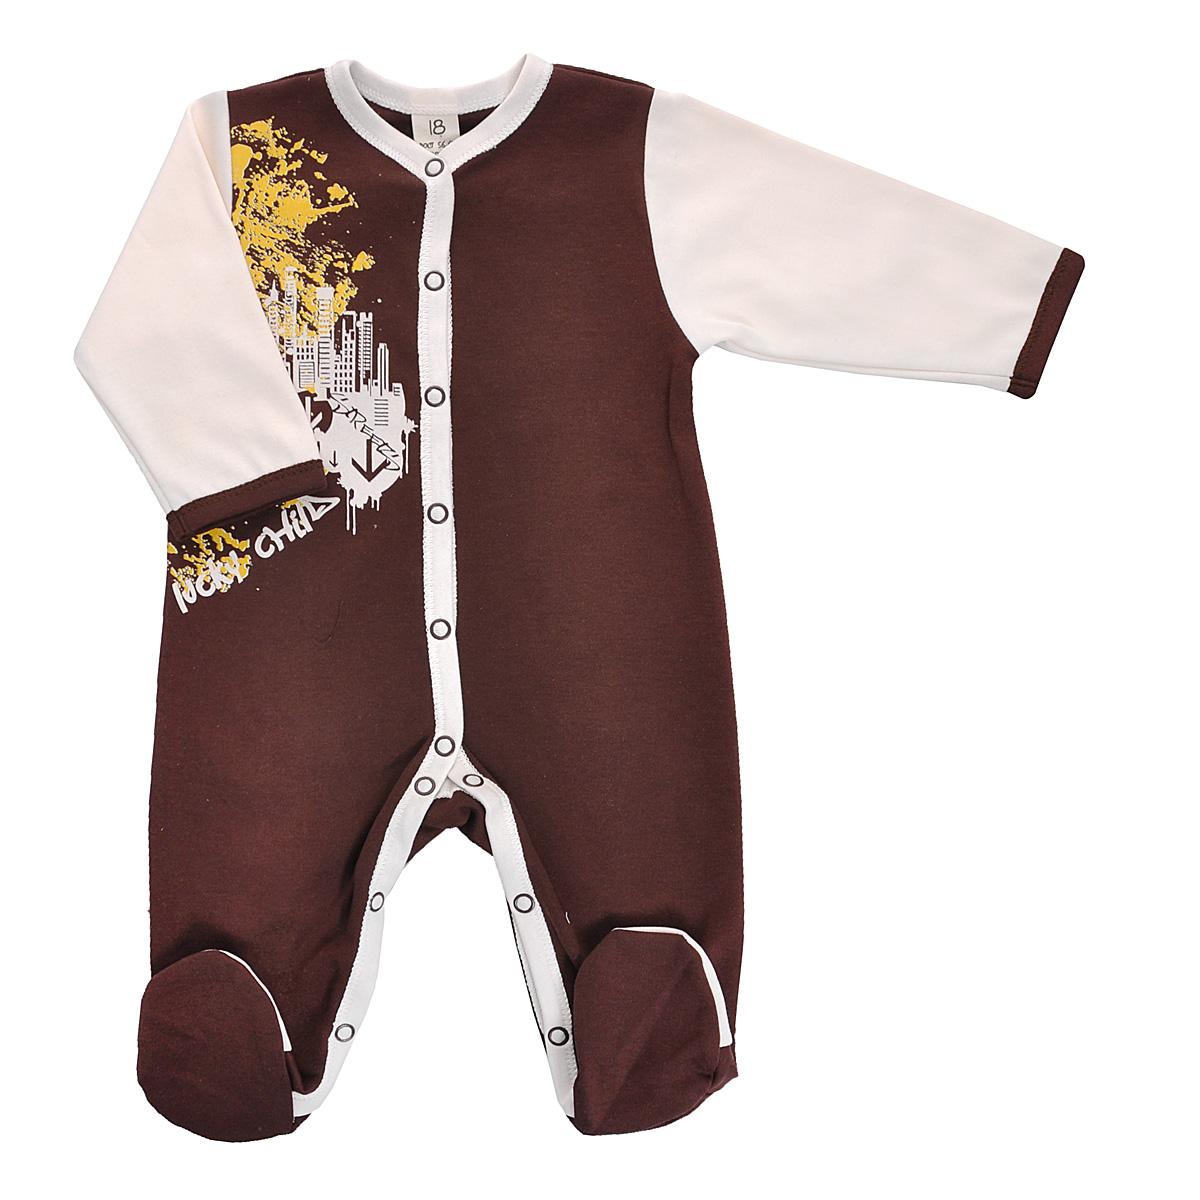 Комбинезон детский. 16-116-1Детский комбинезон Lucky Child - очень удобный и практичный вид одежды для малышей. Комбинезон выполнен из натурального хлопка, благодаря чему он необычайно мягкий и приятный на ощупь, не раздражает нежную кожу ребенка и хорошо вентилируется, а эластичные швы приятны телу малыша и не препятствуют его движениям. Комбинезон с длинными рукавами и закрытыми ножками имеет застежки-кнопки от горловины до щиколоток, которые помогают легко переодеть младенца или сменить подгузник. Оформлена модель оригинальны принтом. С детским комбинезоном Lucky Child спинка и ножки вашего малыша всегда будут в тепле, он идеален для использования днем и незаменим ночью. Комбинезон полностью соответствует особенностям жизни младенца в ранний период, не стесняя и не ограничивая его в движениях!